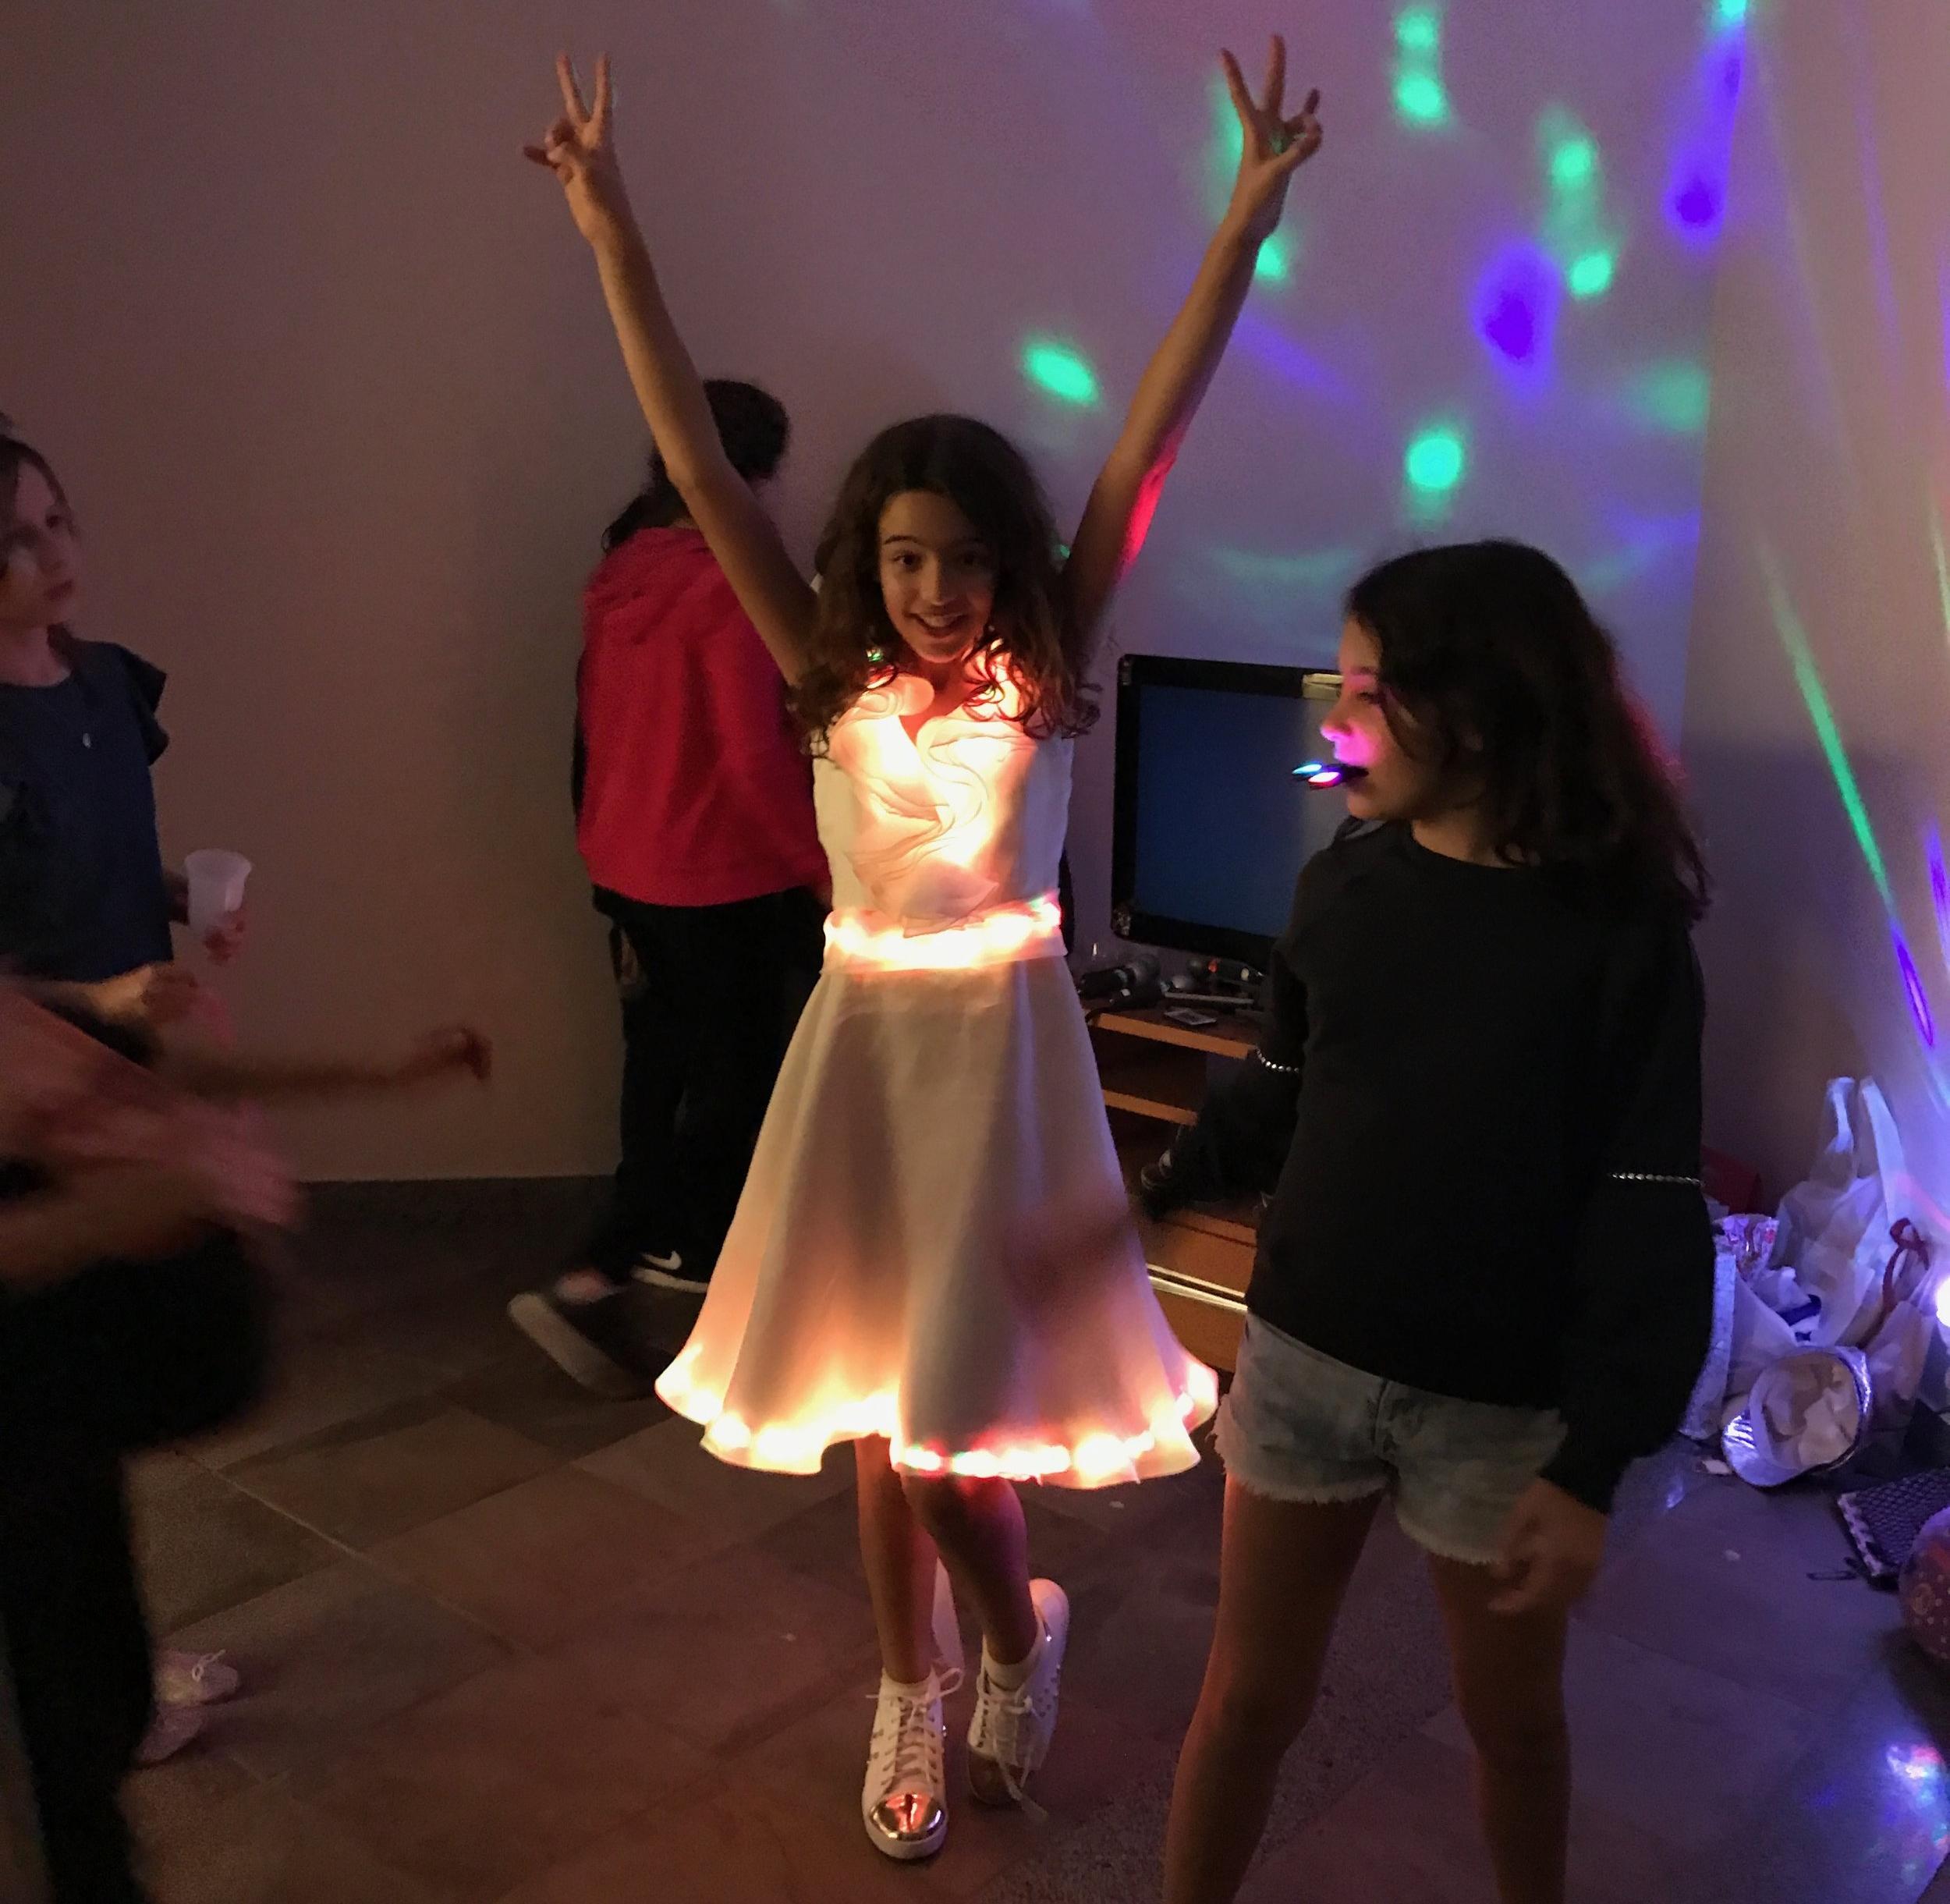 ROUPAS COM LED - Feito com fita de LED, os alunos decoram um vestido, camiseta ou outra roupa, acendendo em diversas cores. Os alunos  levam a roupa para casa.